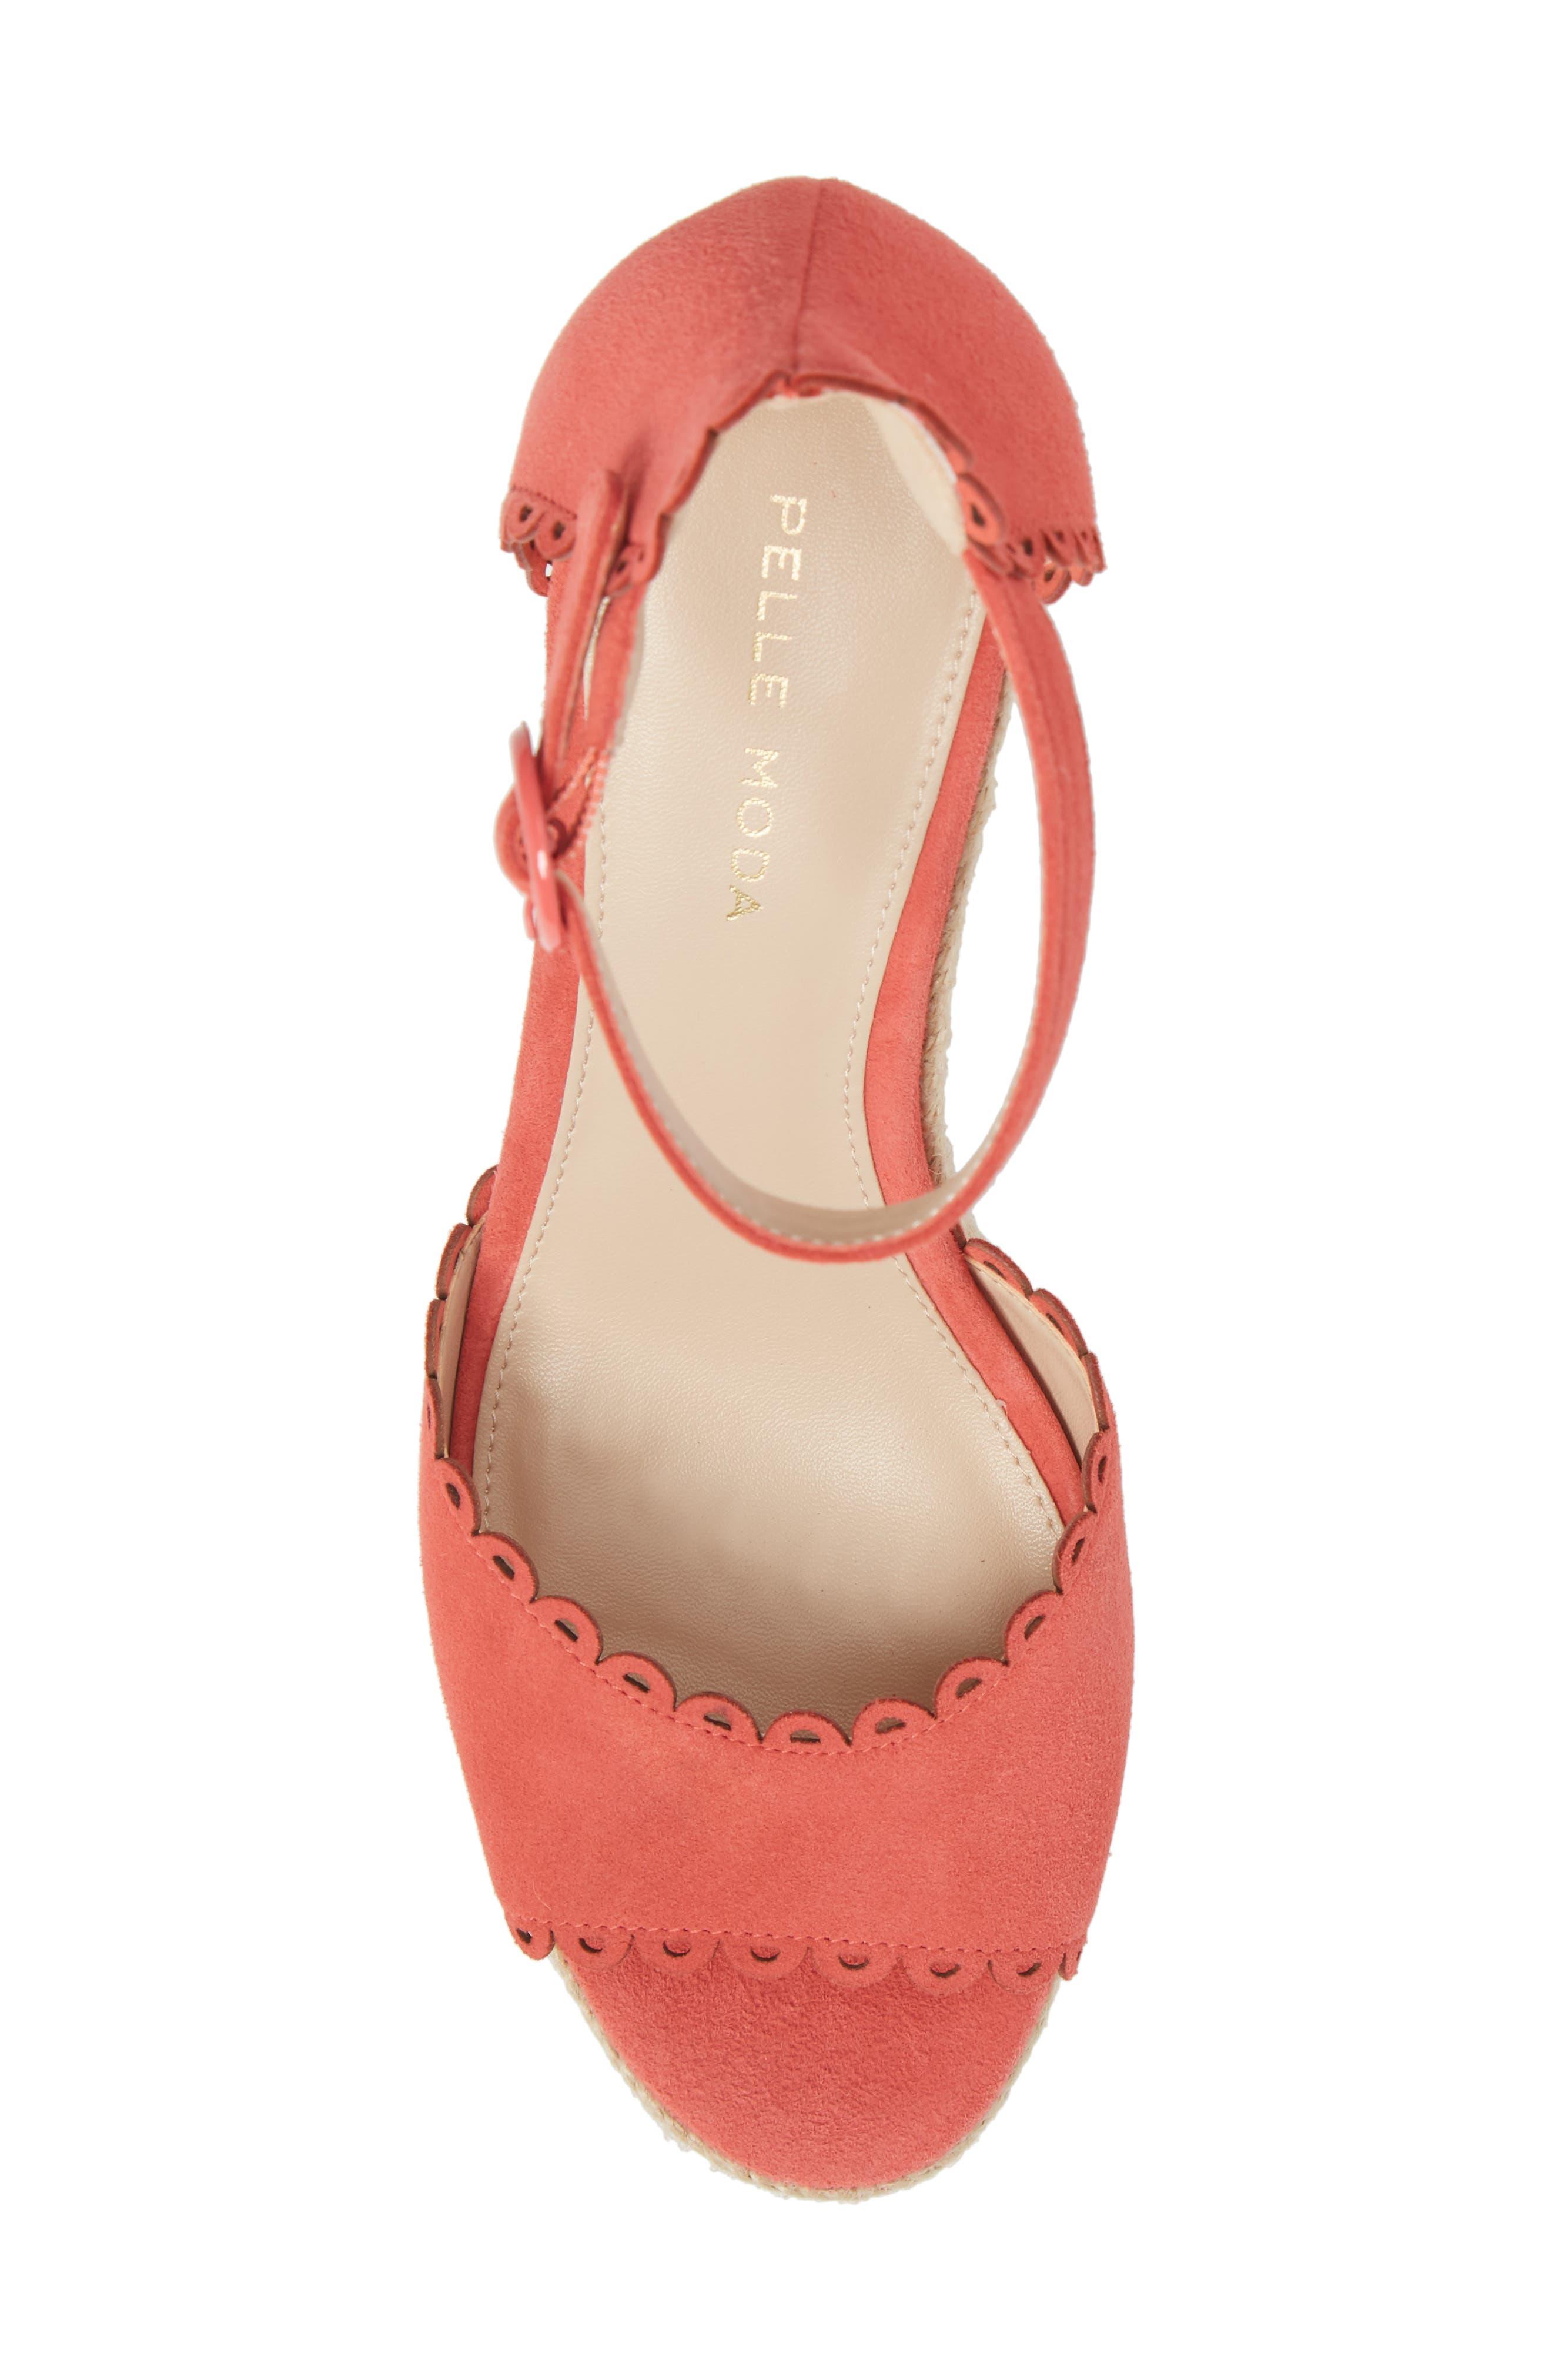 Raine Platform Espadrille Sandal,                             Alternate thumbnail 5, color,                             Flamingo Suede